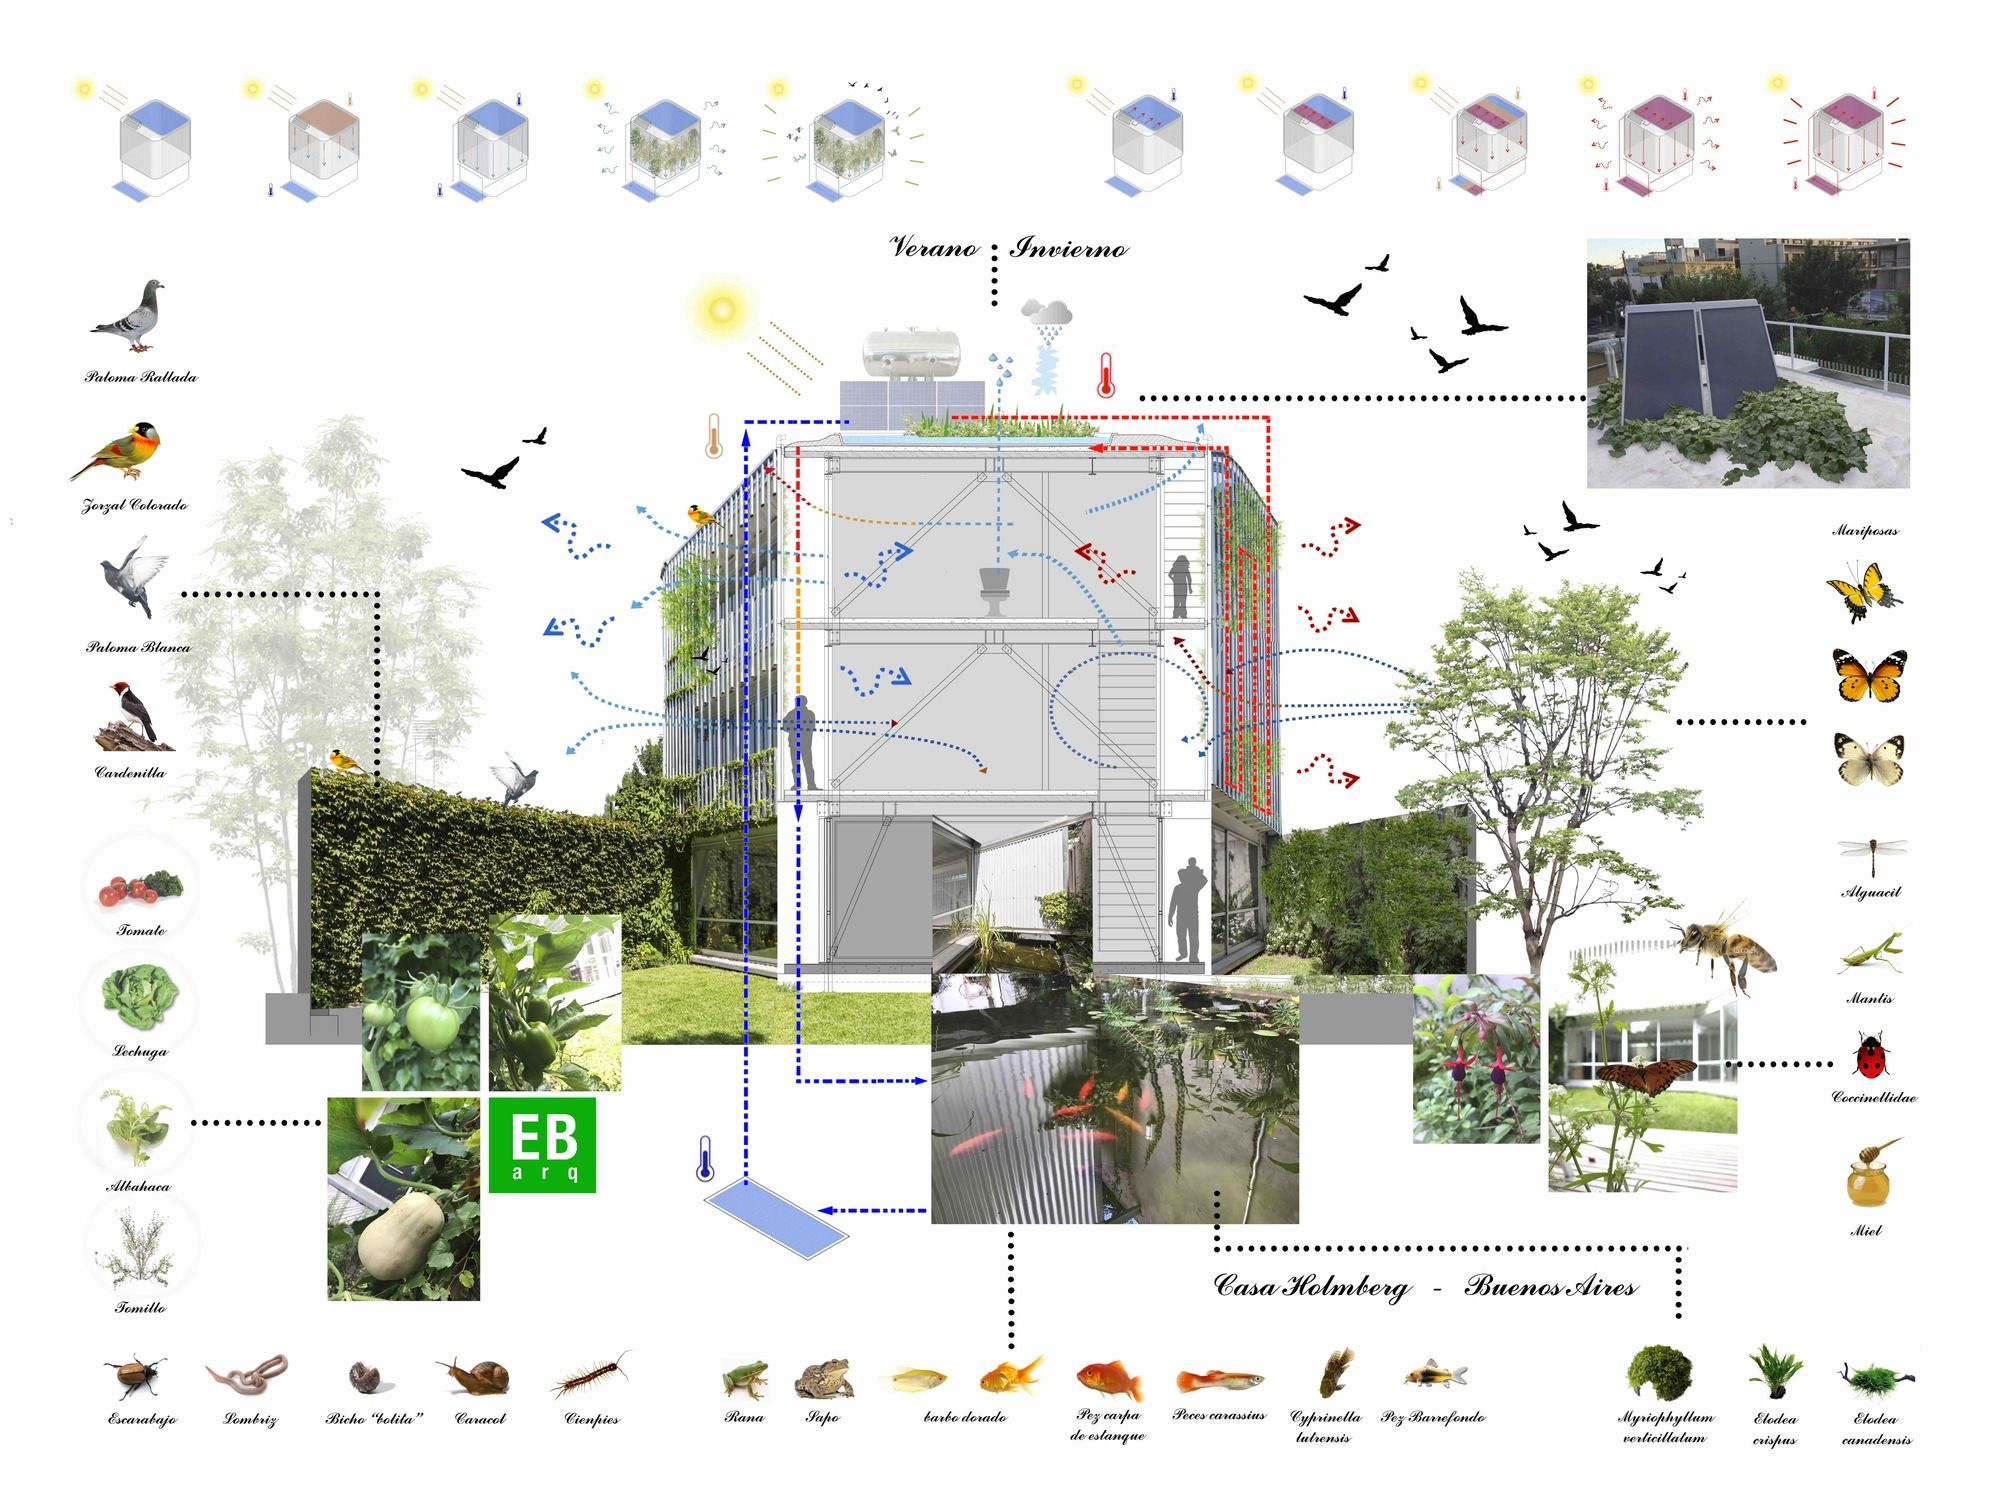 Imagen 46 de 47 de la galera de casa holmberg estudio borrachia diagram pooptronica